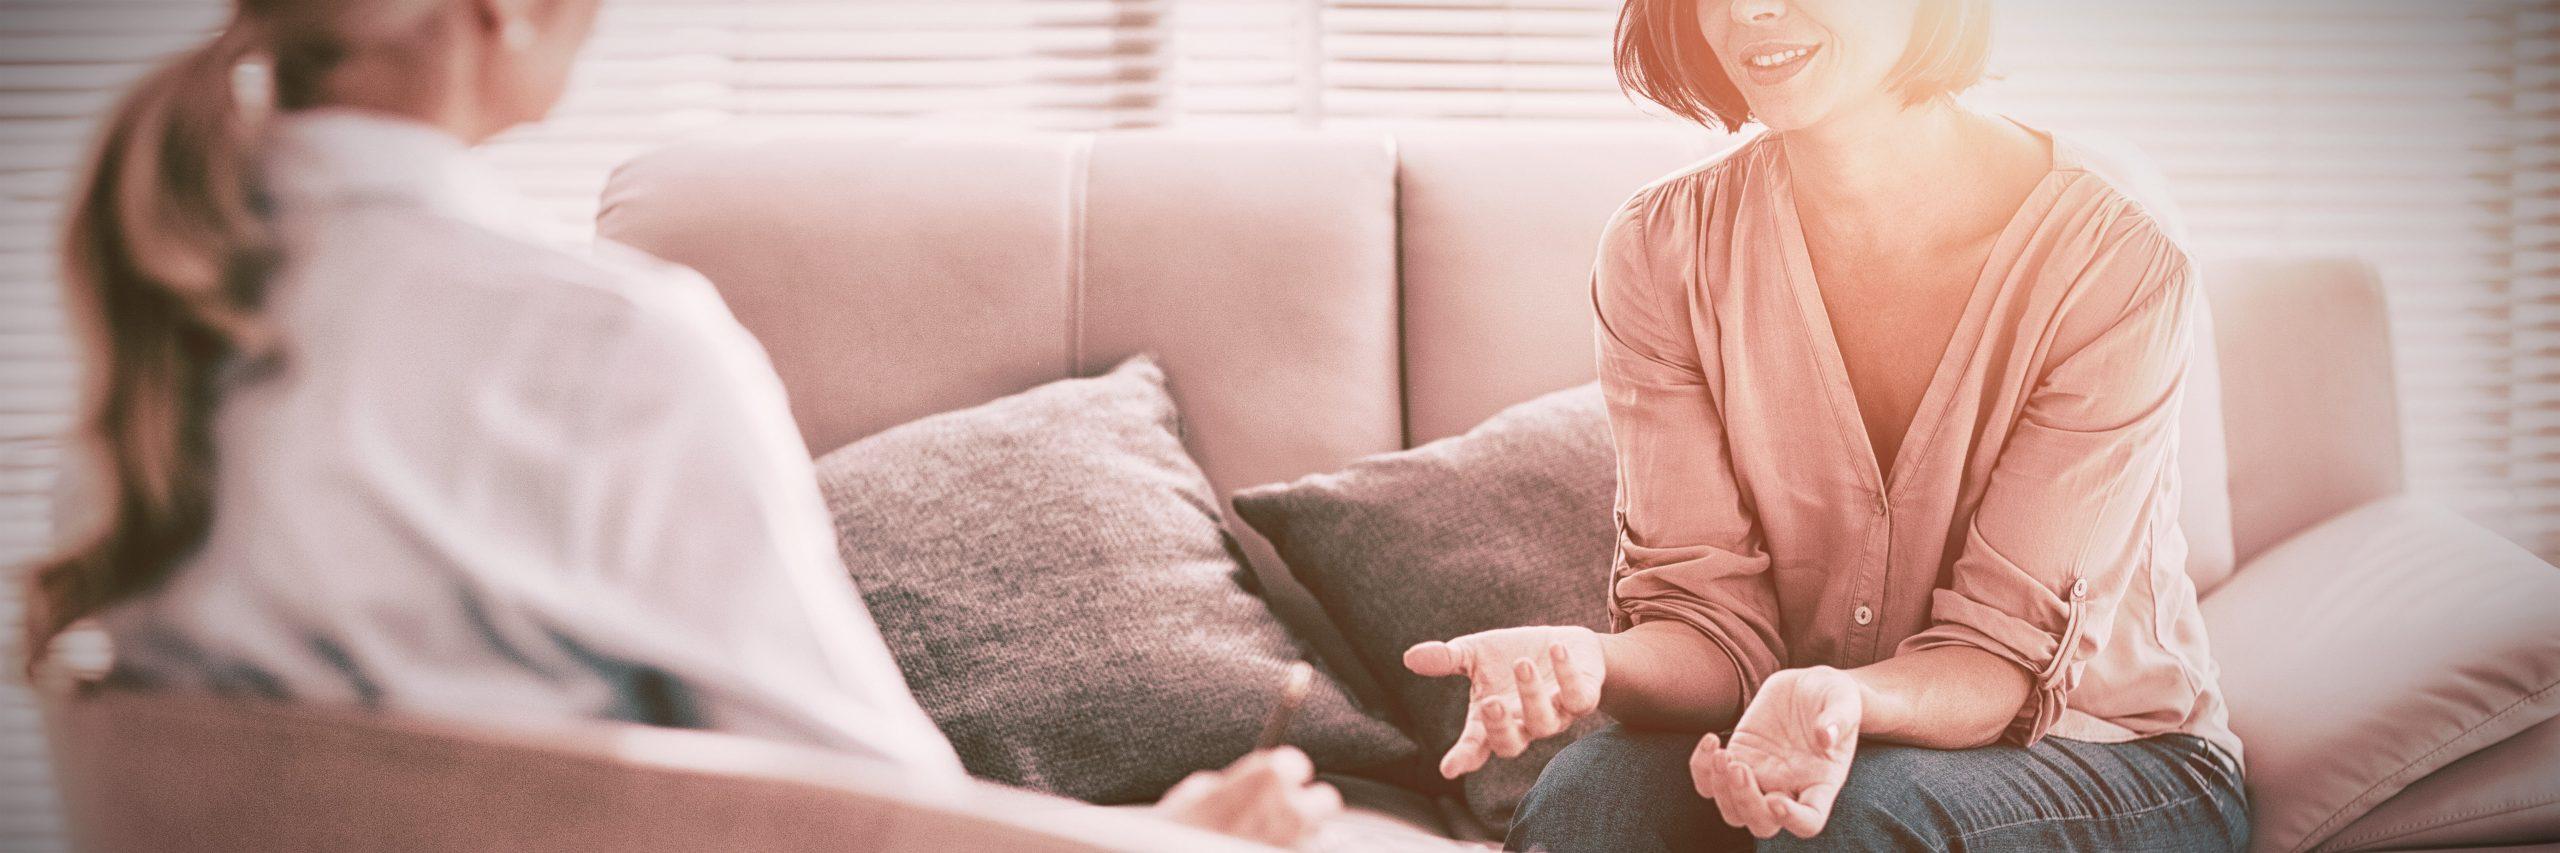 25 a 40% dos casais inférteis com sinais de ansiedade e depressão